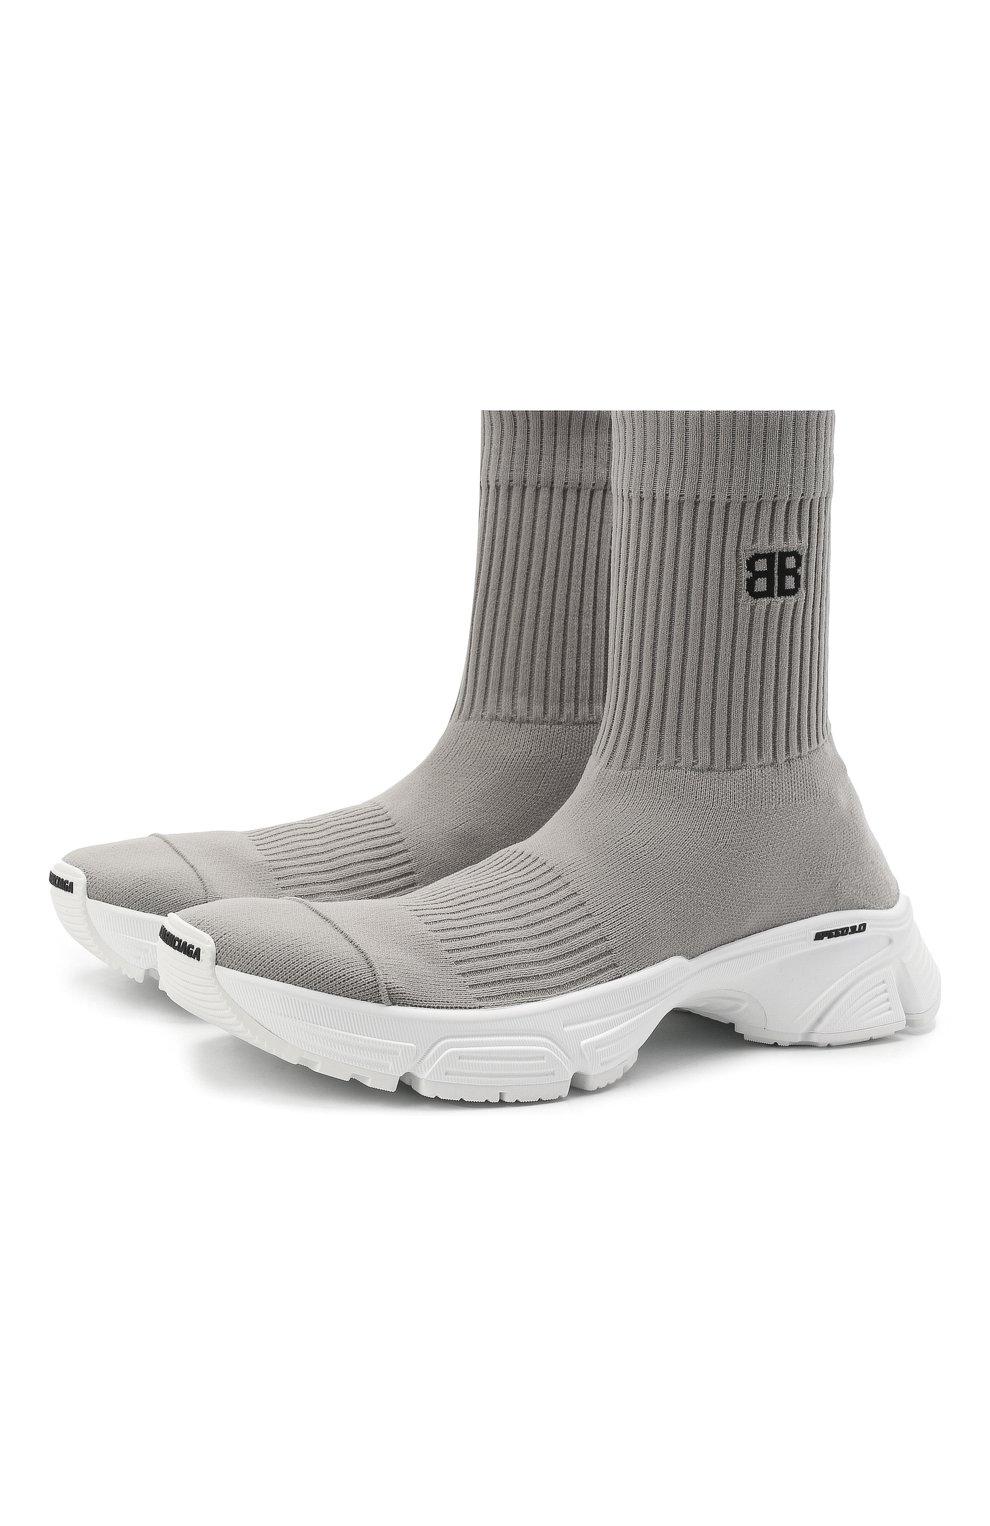 Мужские текстильные кроссовки speed 3.0 BALENCIAGA серого цвета, арт. 654532/W2DN2   Фото 1 (Материал внешний: Текстиль; Стили: Гранж; Материал внутренний: Текстиль; Подошва: Массивная)